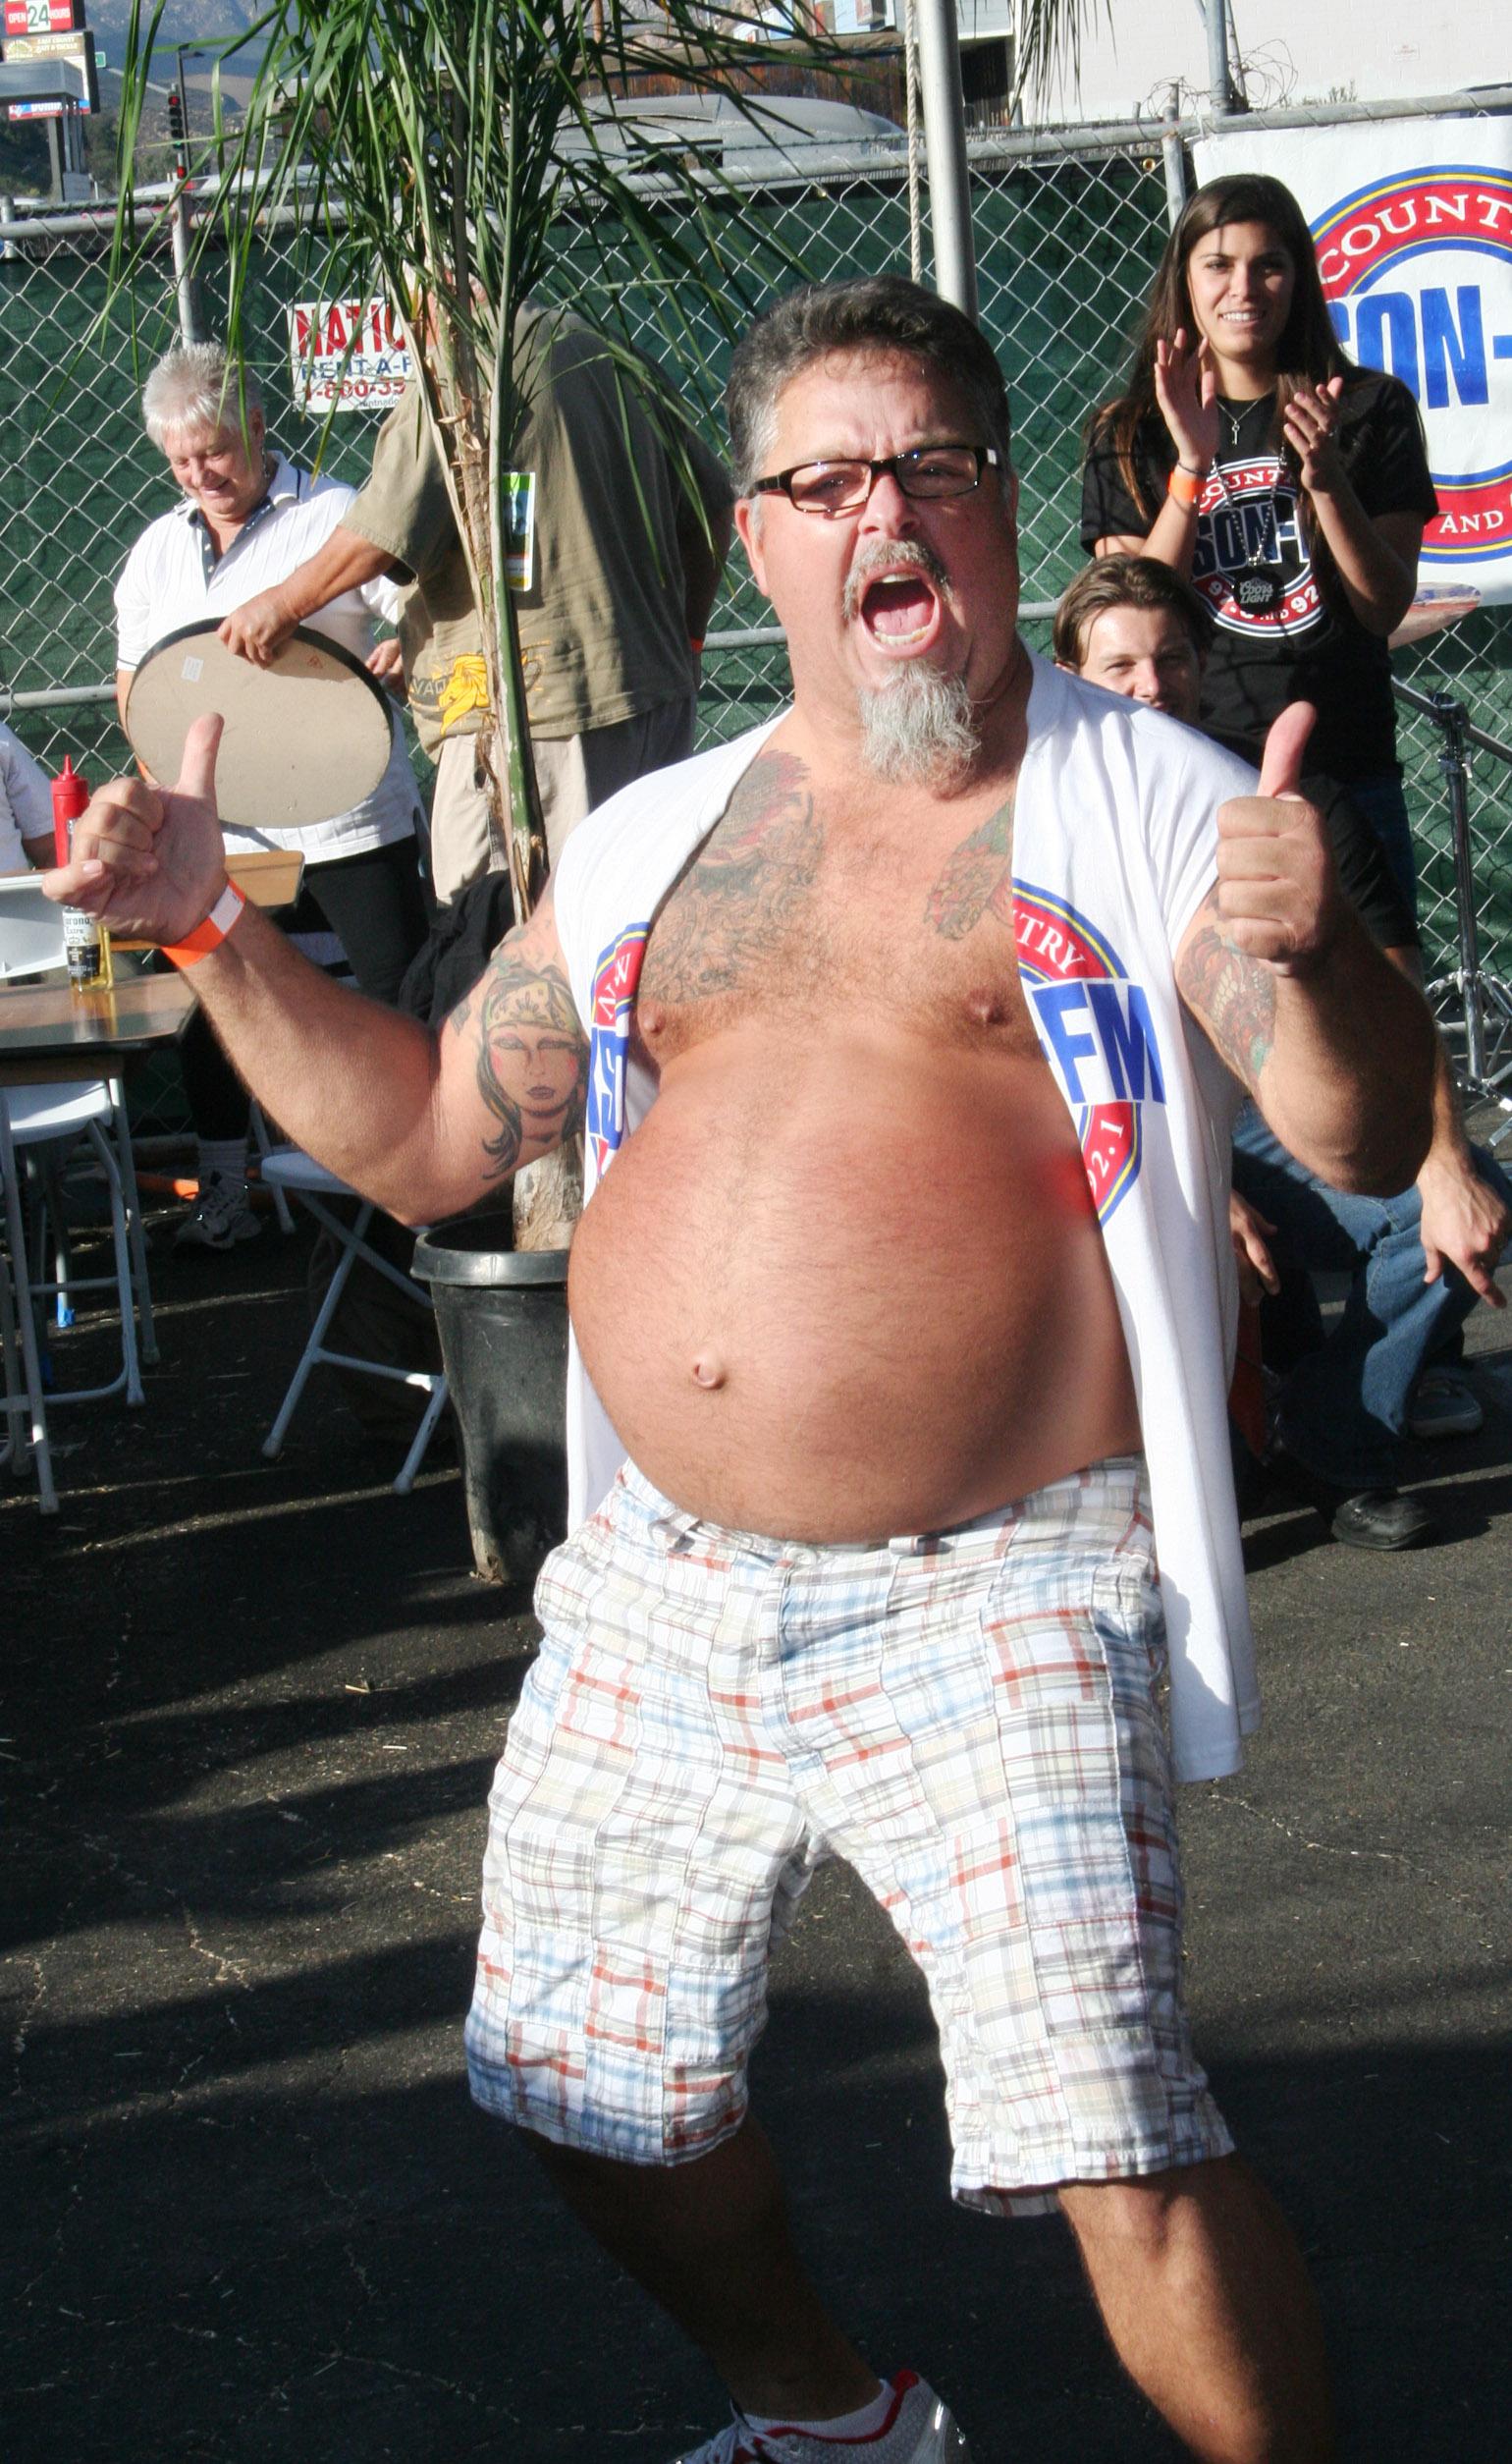 Chuck 'D' Nutz, The Winner | Flickr - Photo Sharing!